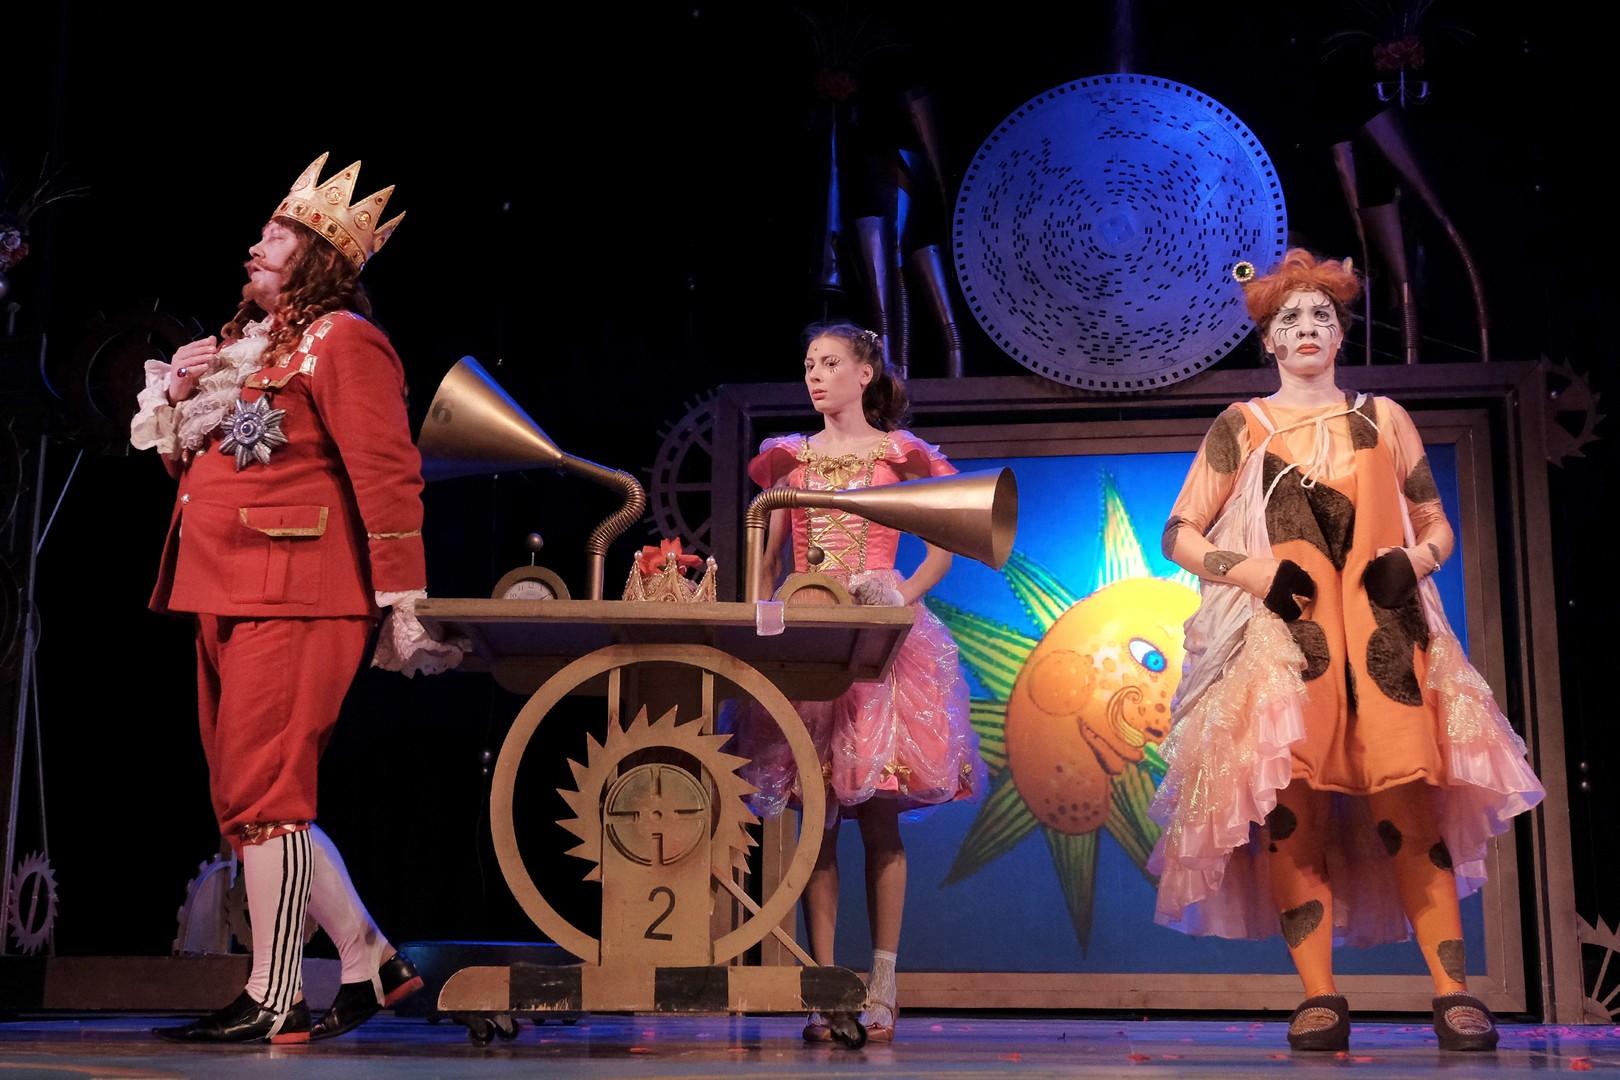 Королевская корова спектакль купить билеты афиша спектакли пермь